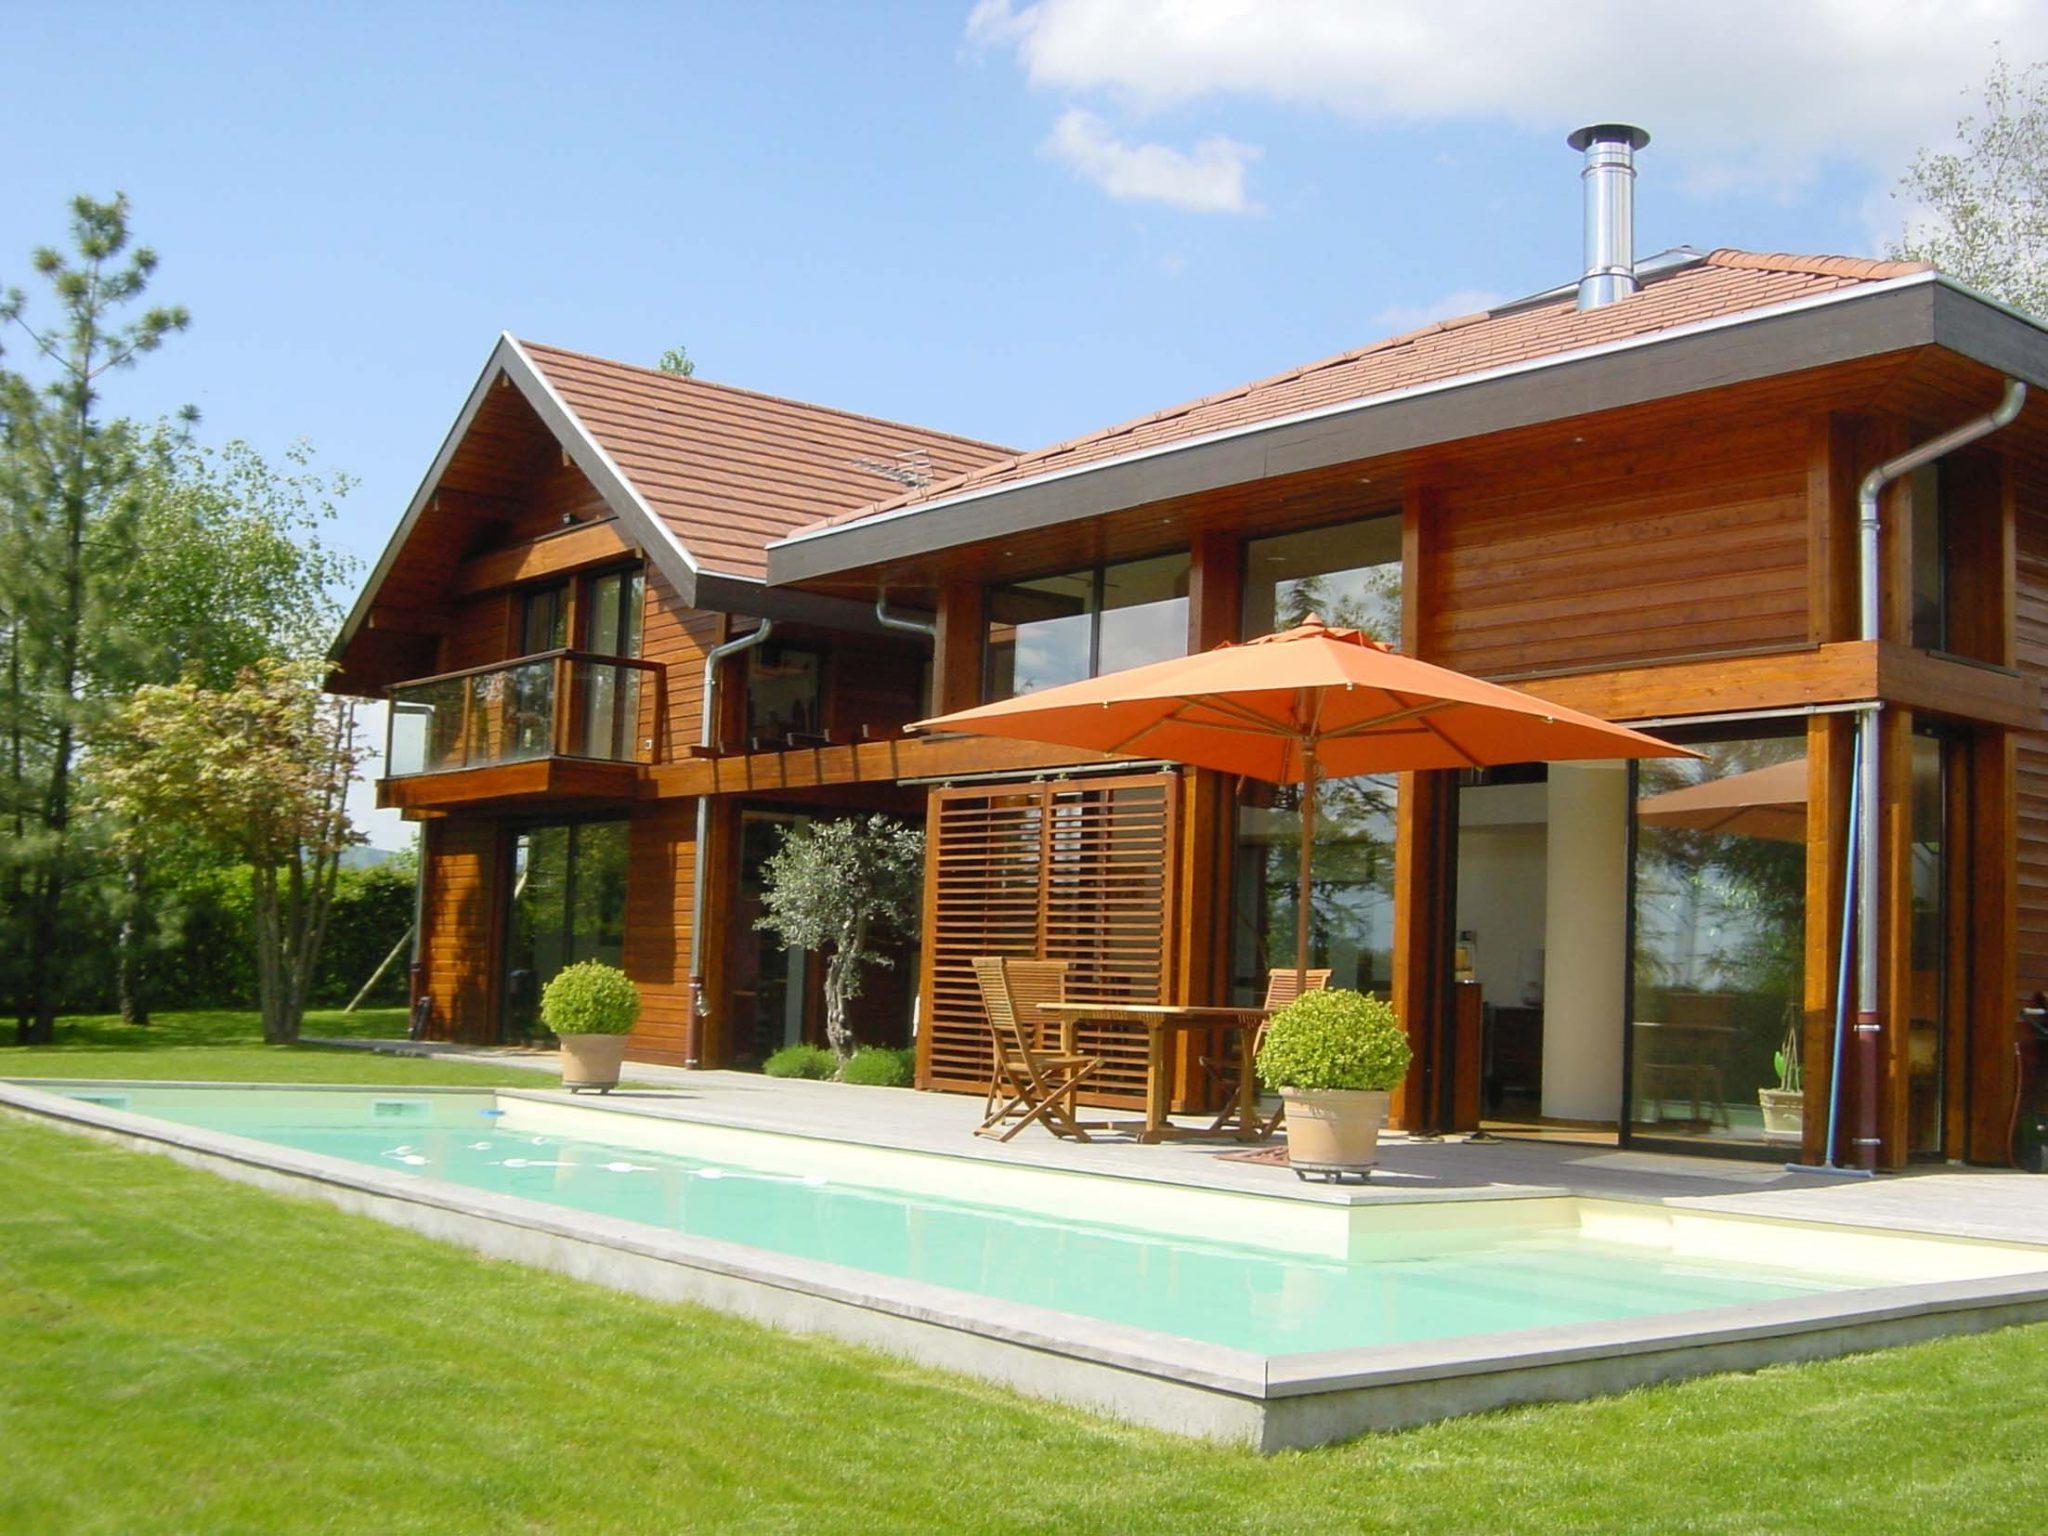 Une maison ossature bois ecologique l 39 habis - Maison autonome prix ...